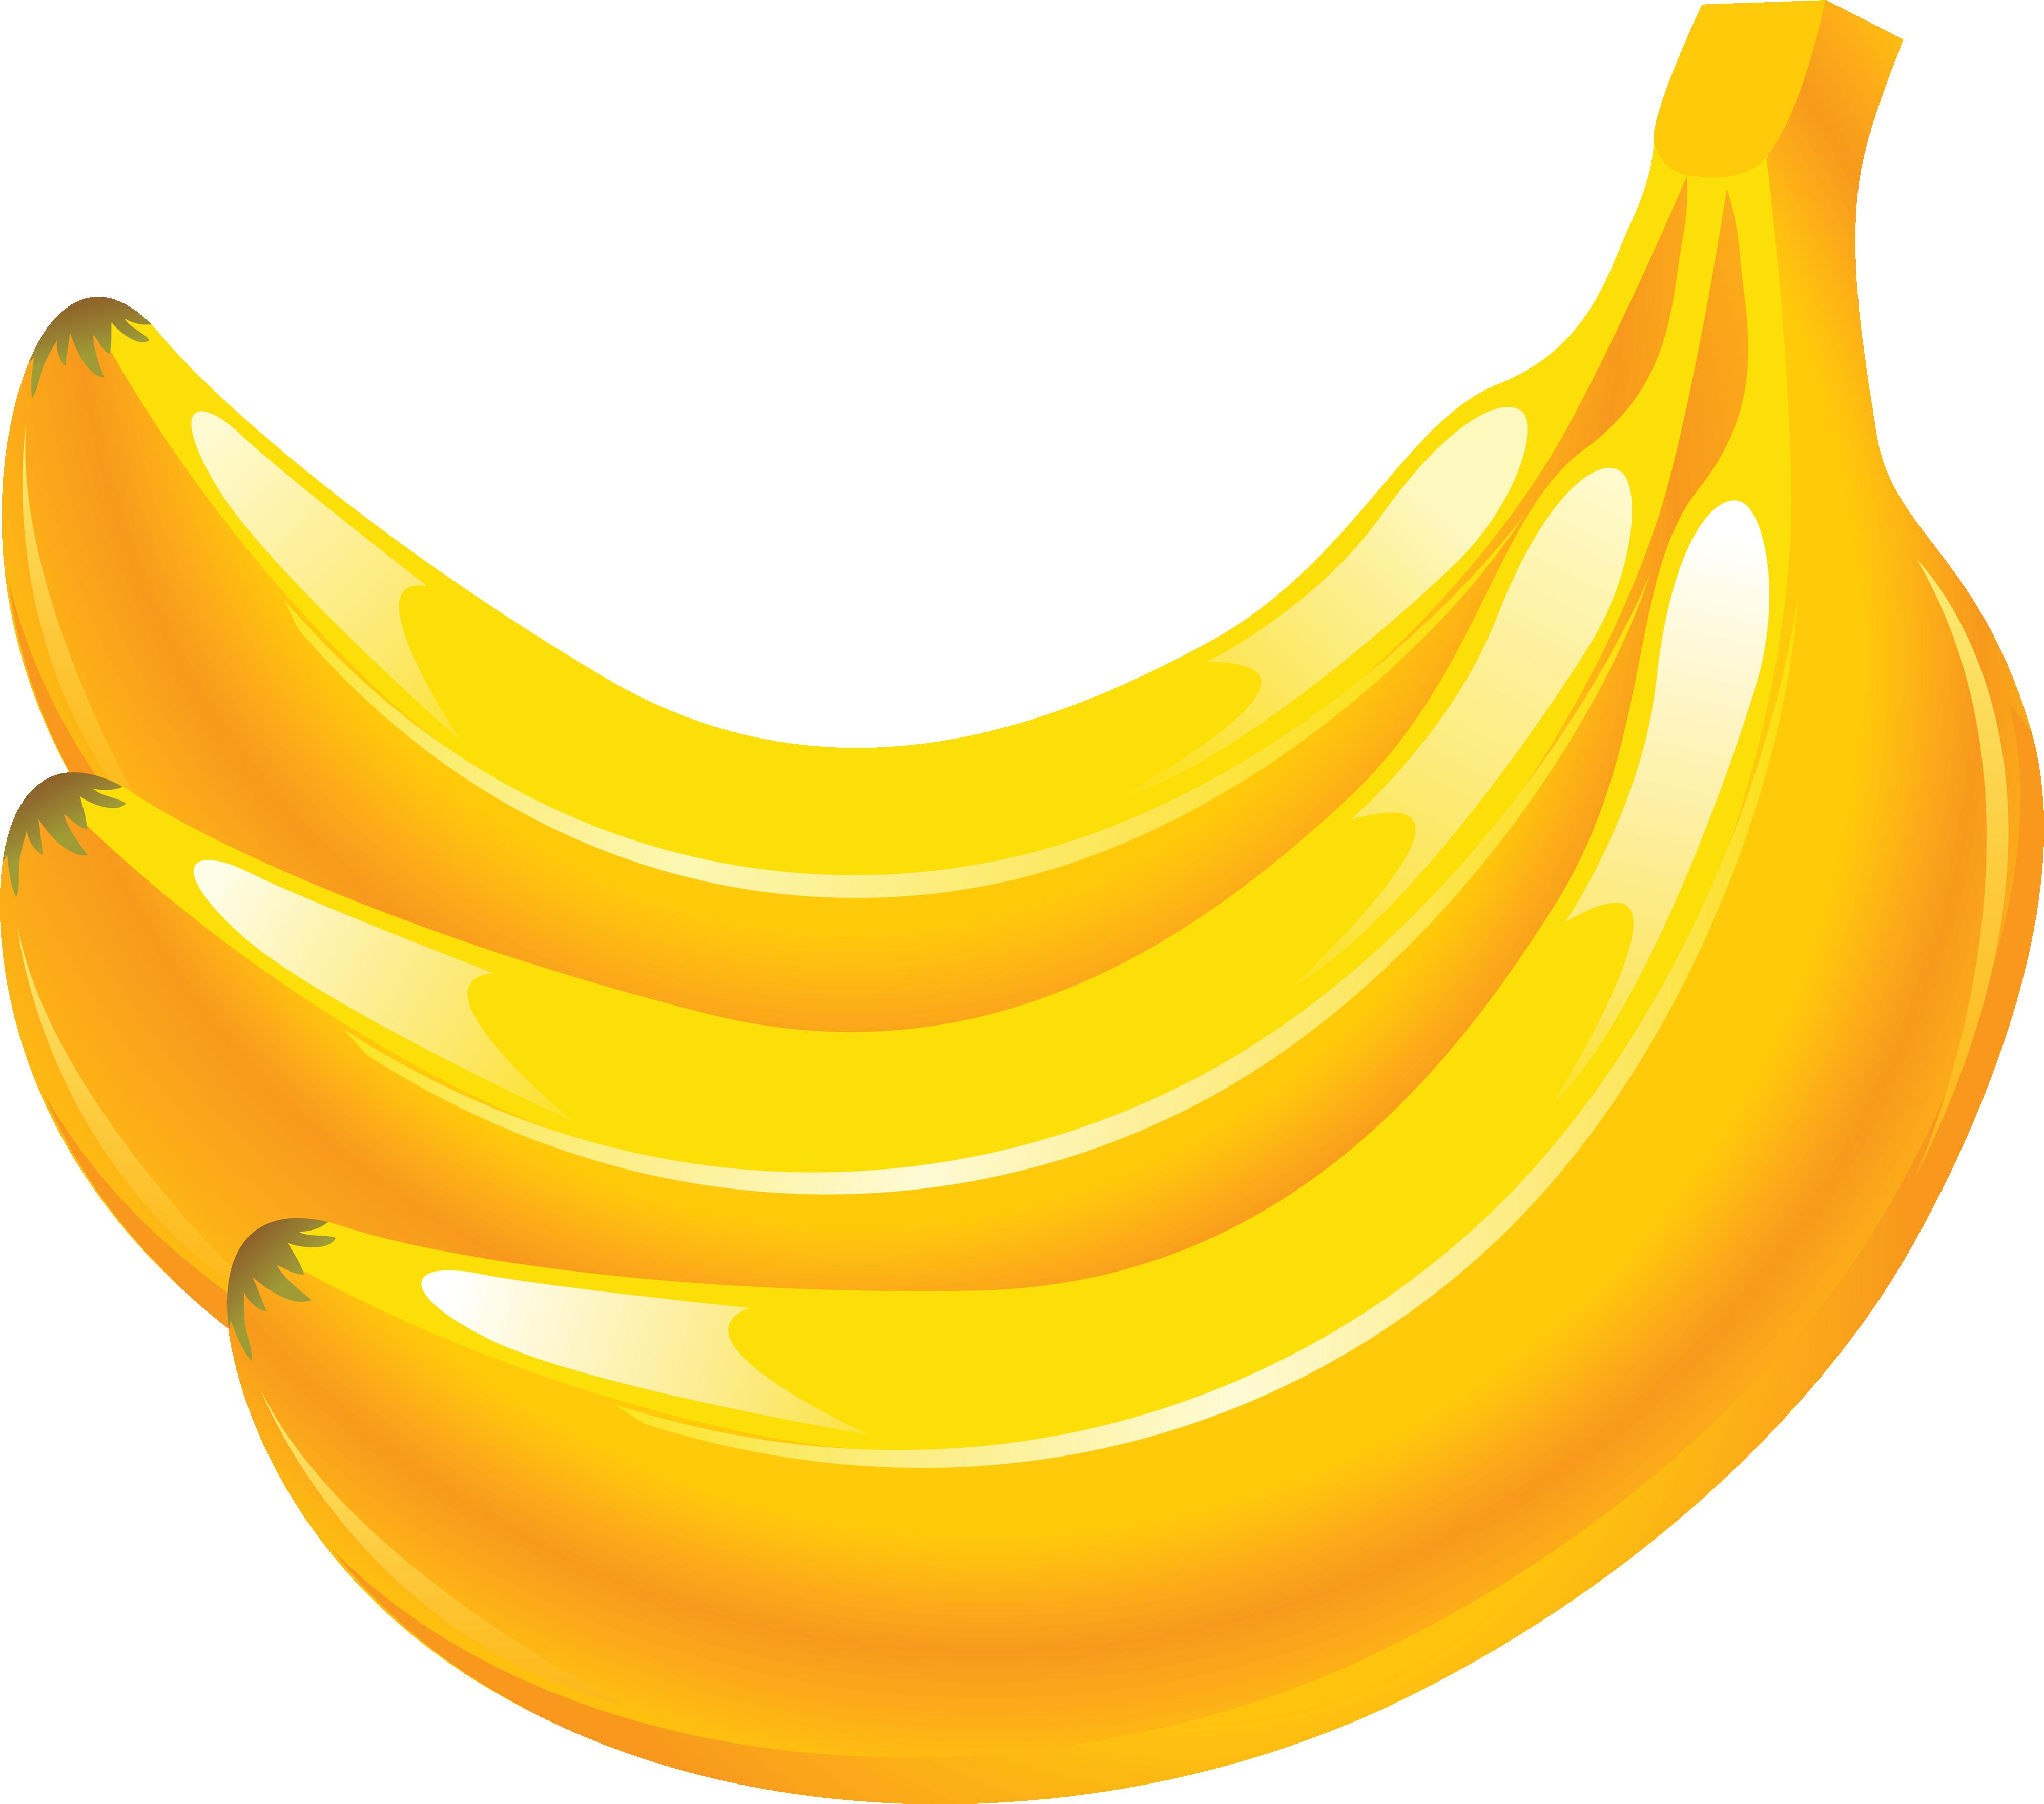 Bananas clipart 7 banana clip art clipartcow.